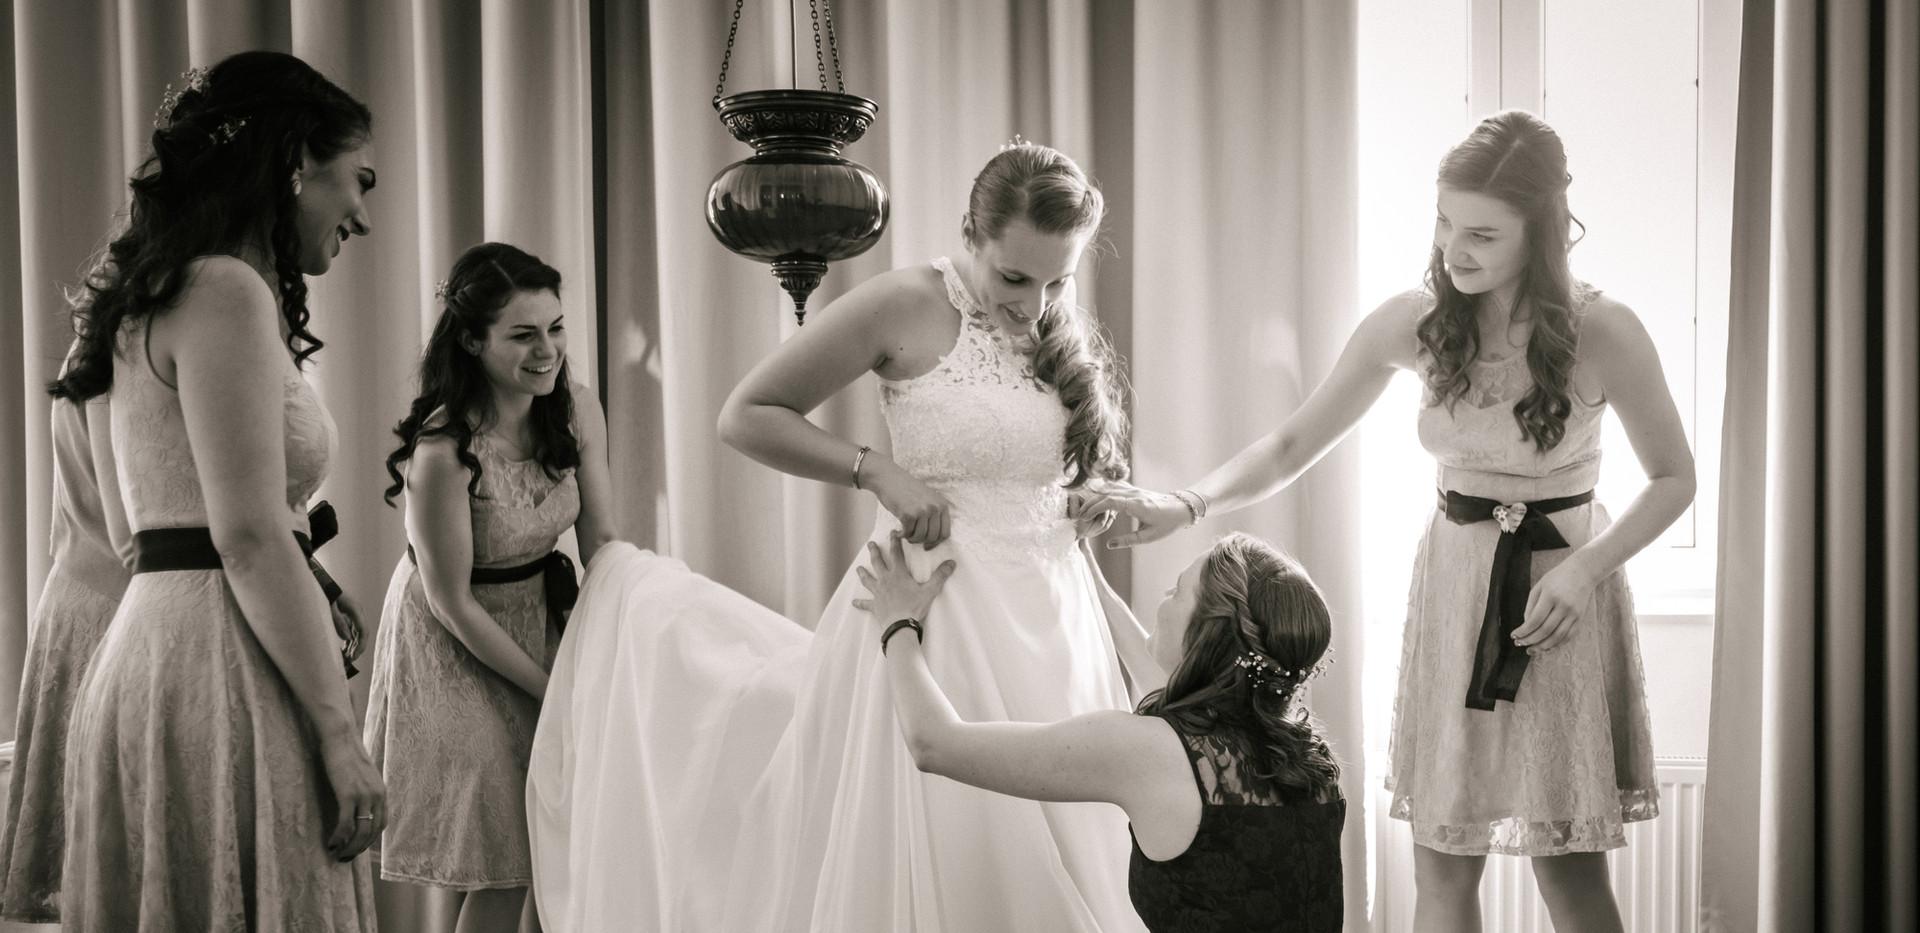 Getting Ready, perfekter Hochzeitstag, Hochzeitsfotograf Hollabrunn, schwarz weiß Hochzeitsfotos Niederösterreich